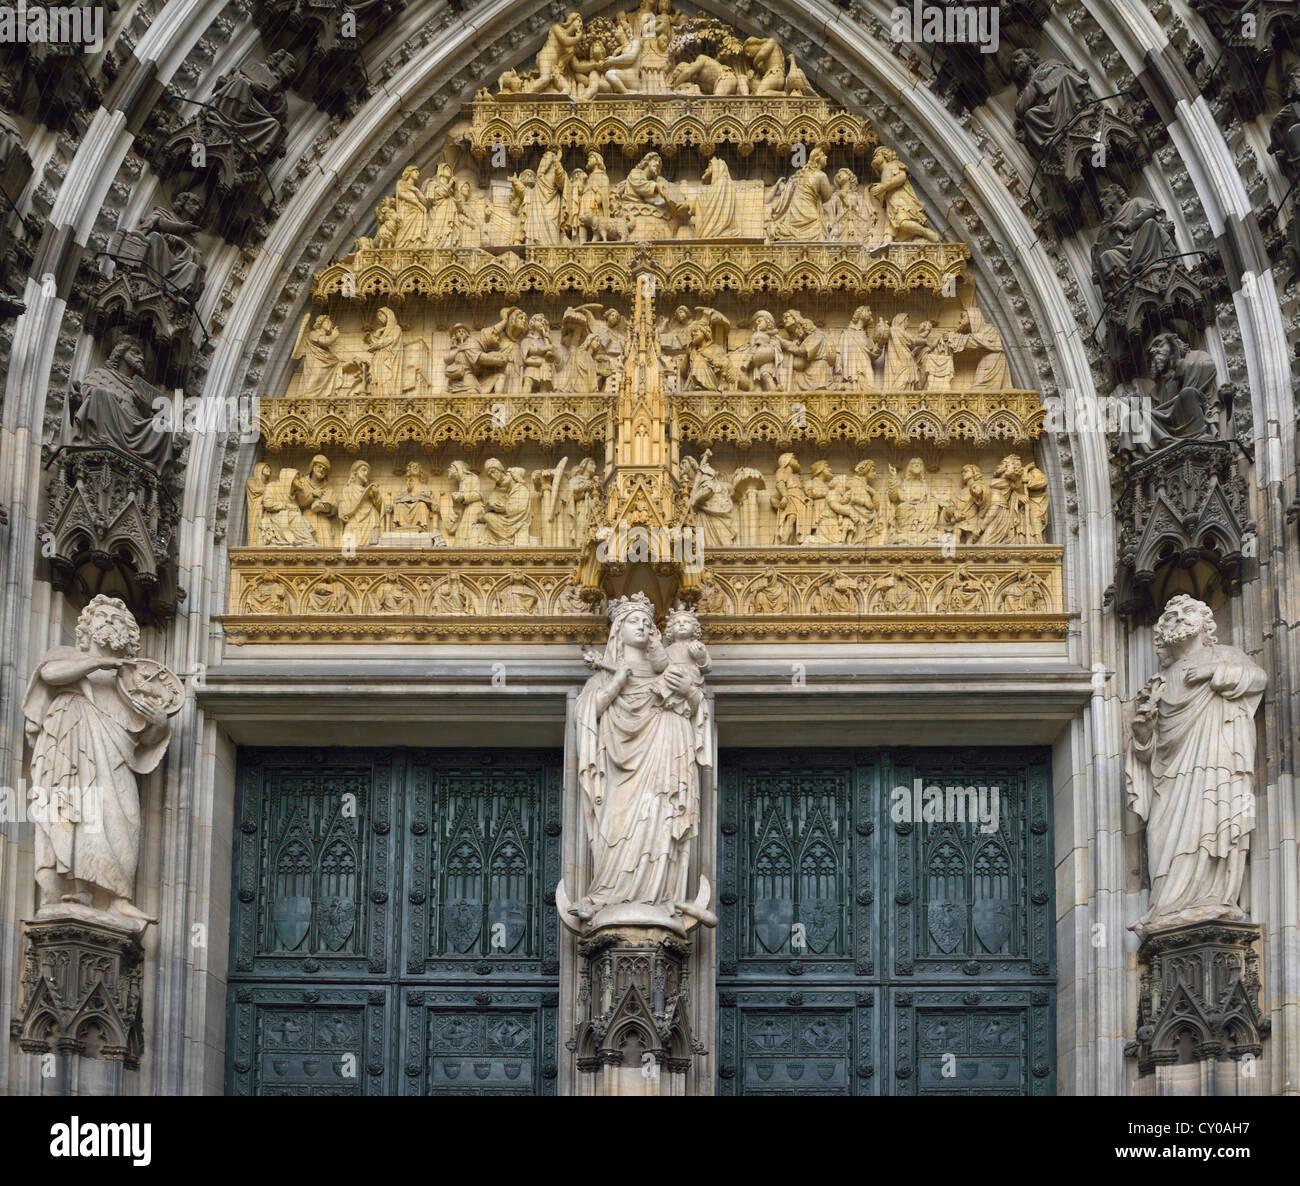 Dettaglio, Ingresso Ovest, portale centrale, portale principale, Maria e Gesù Bambino, la cattedrale di Colonia, Immagini Stock